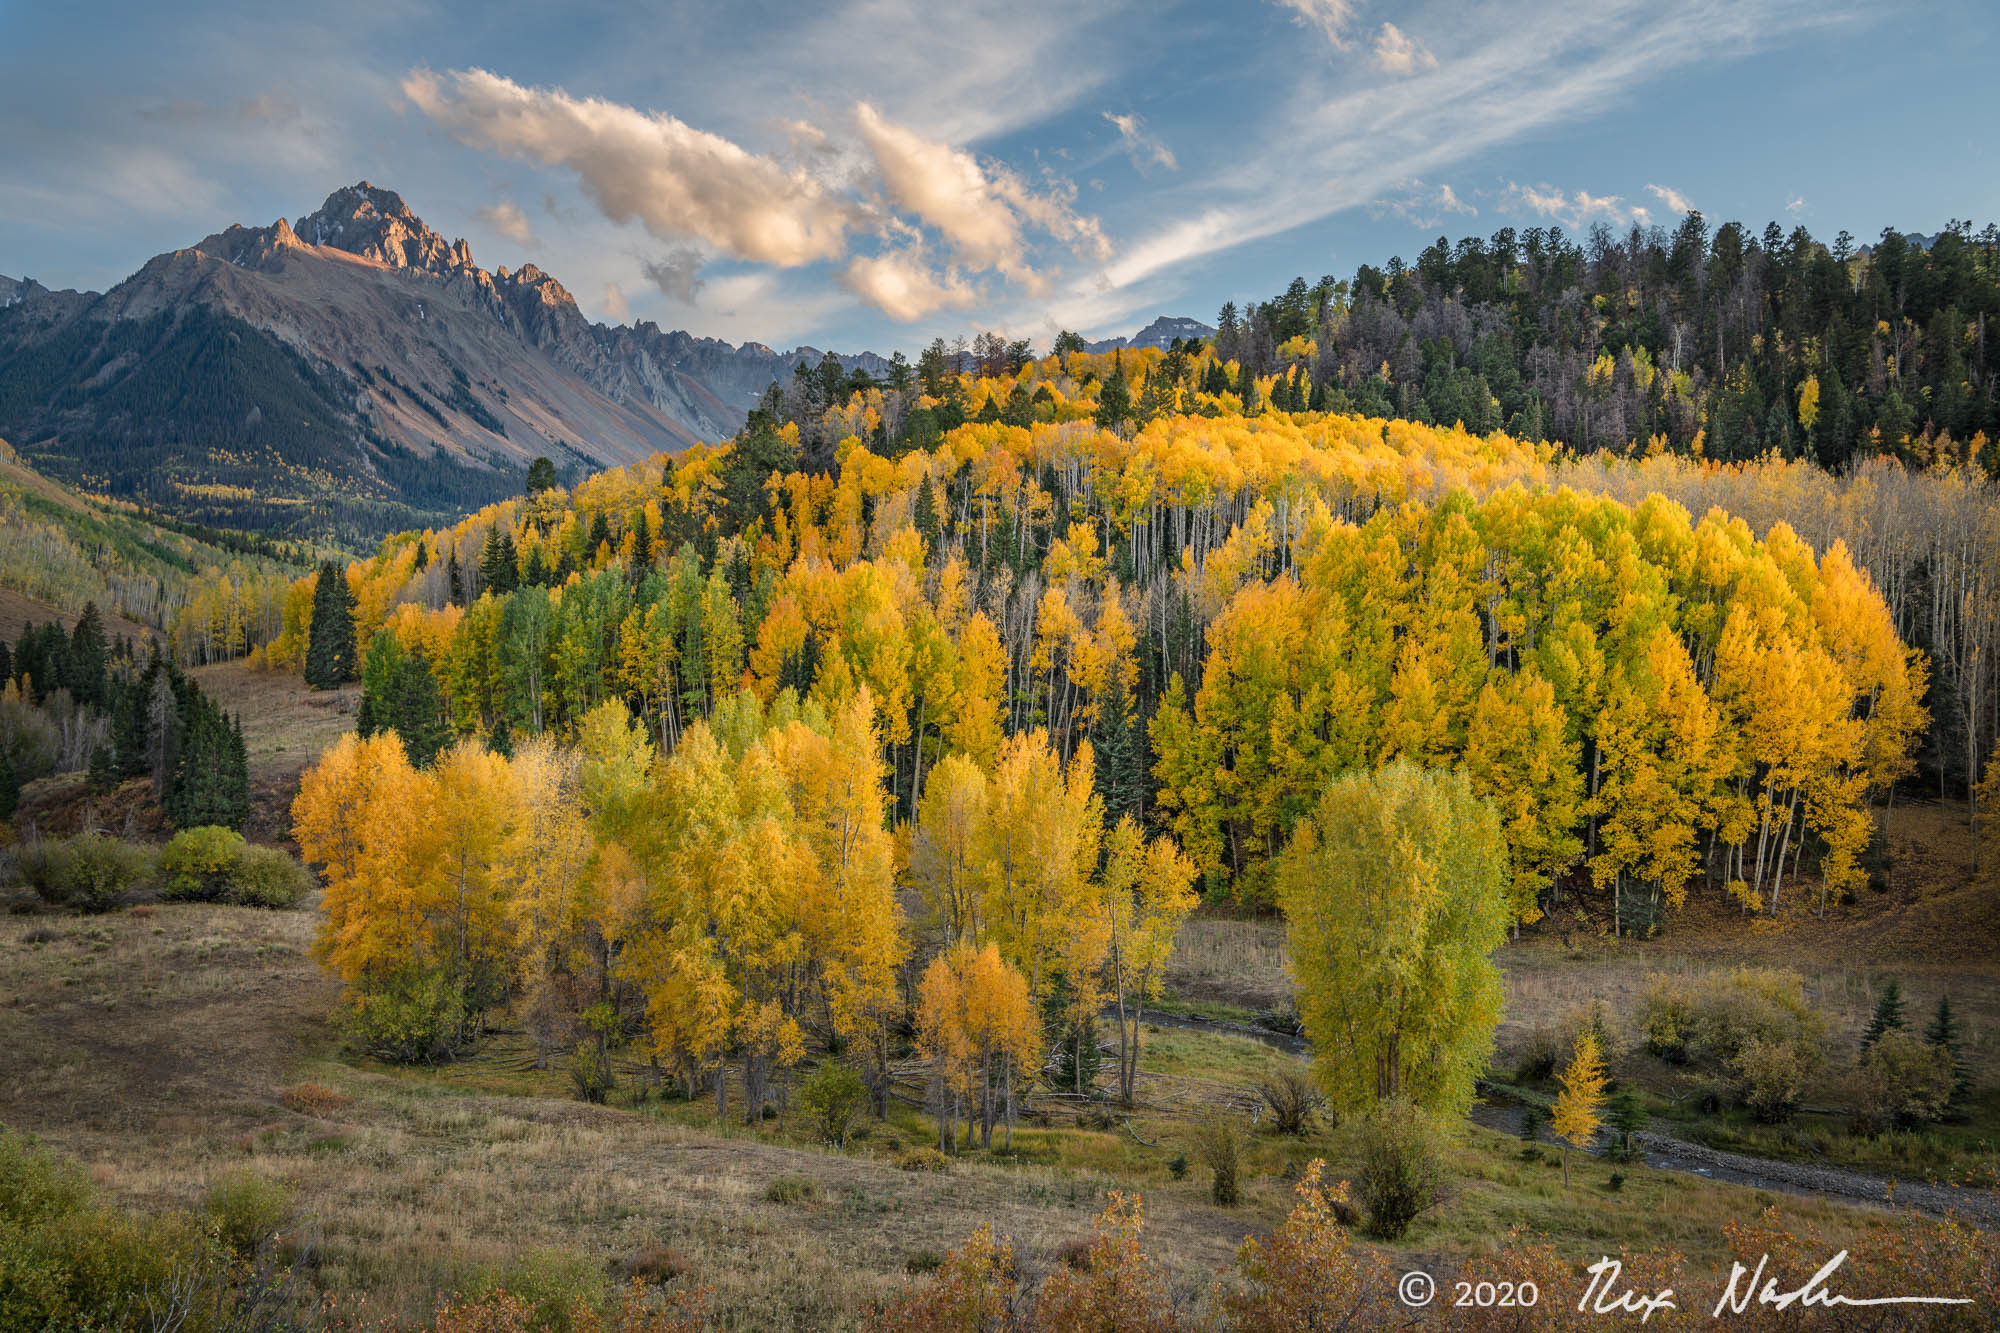 Ranch - San Juan Mountains, Colorado